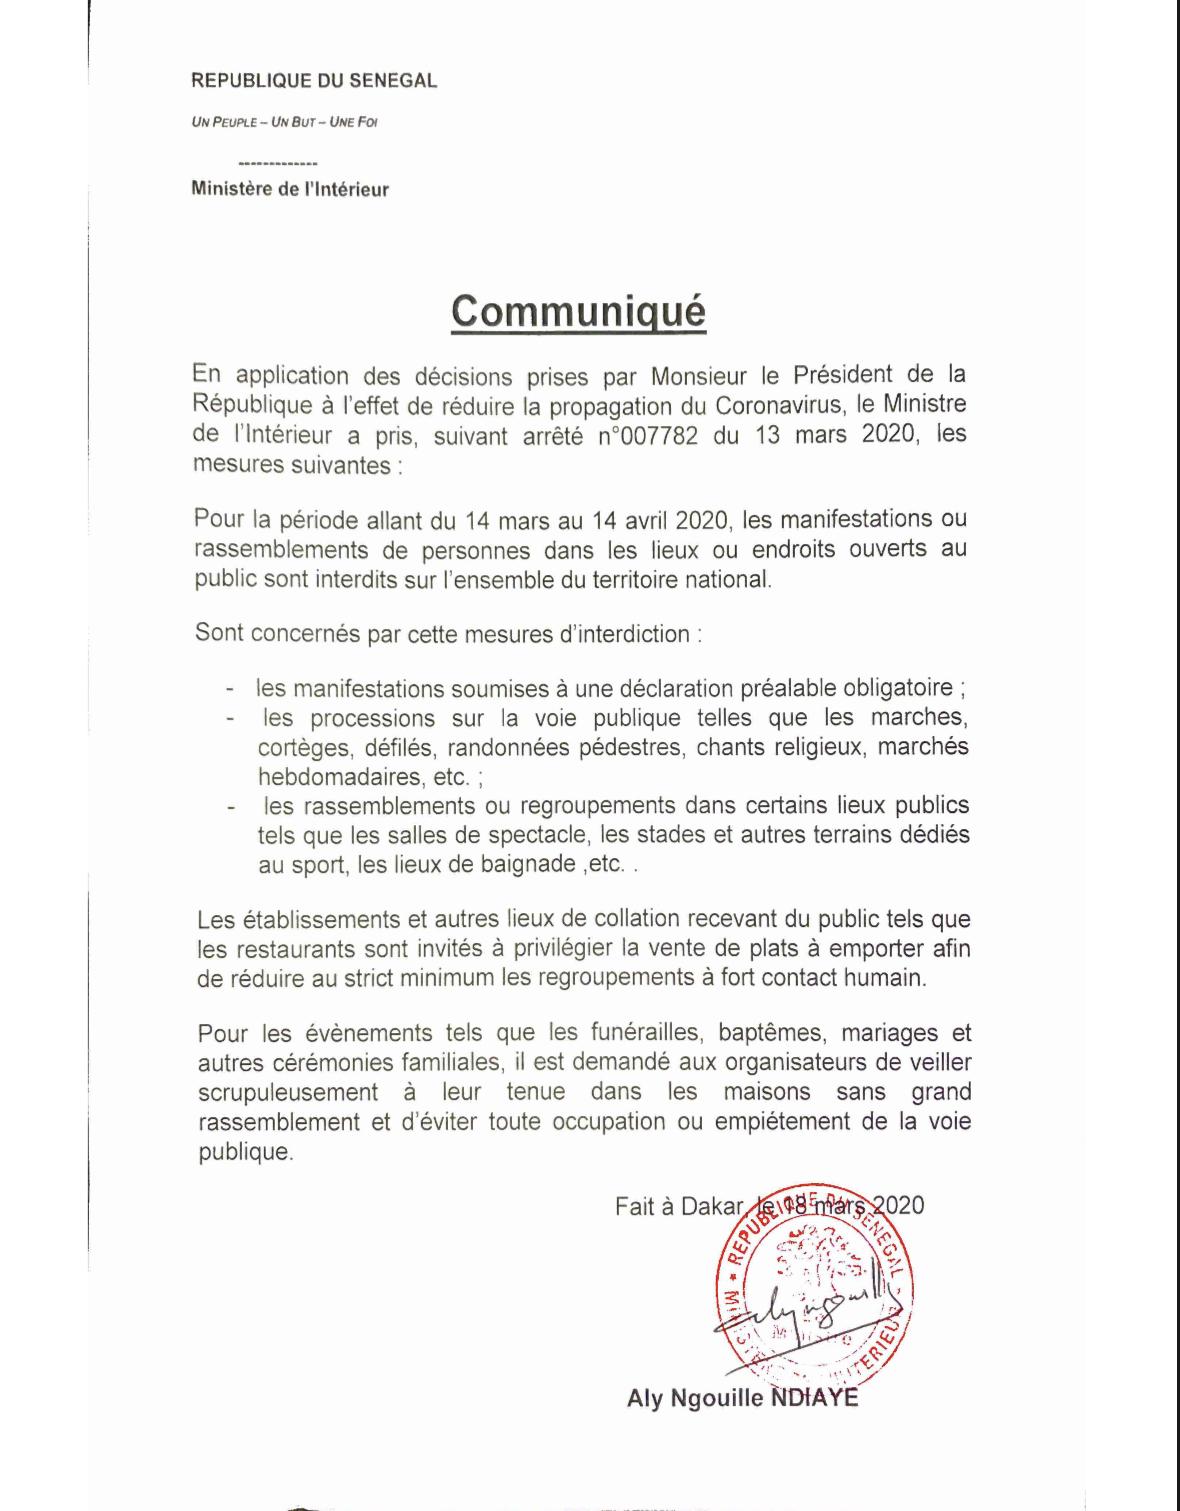 Interdiction de rassemblements : Aly Ngouille Ndiaye met en vigueur les mesures prises par le président Macky Sall (ARRÊTÉ)